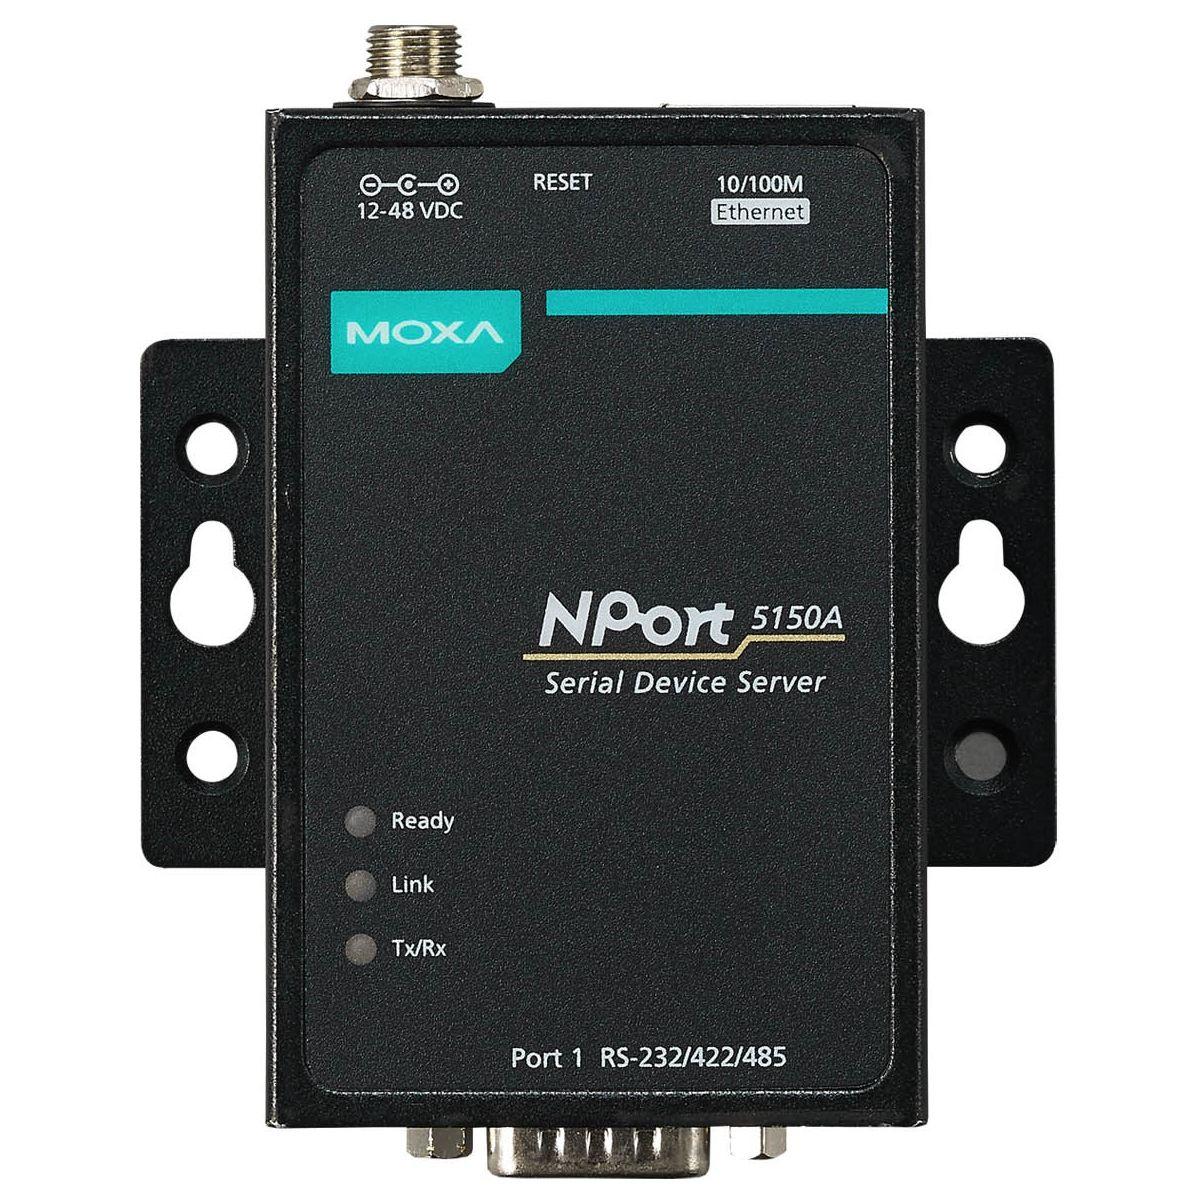 NPort 5150A